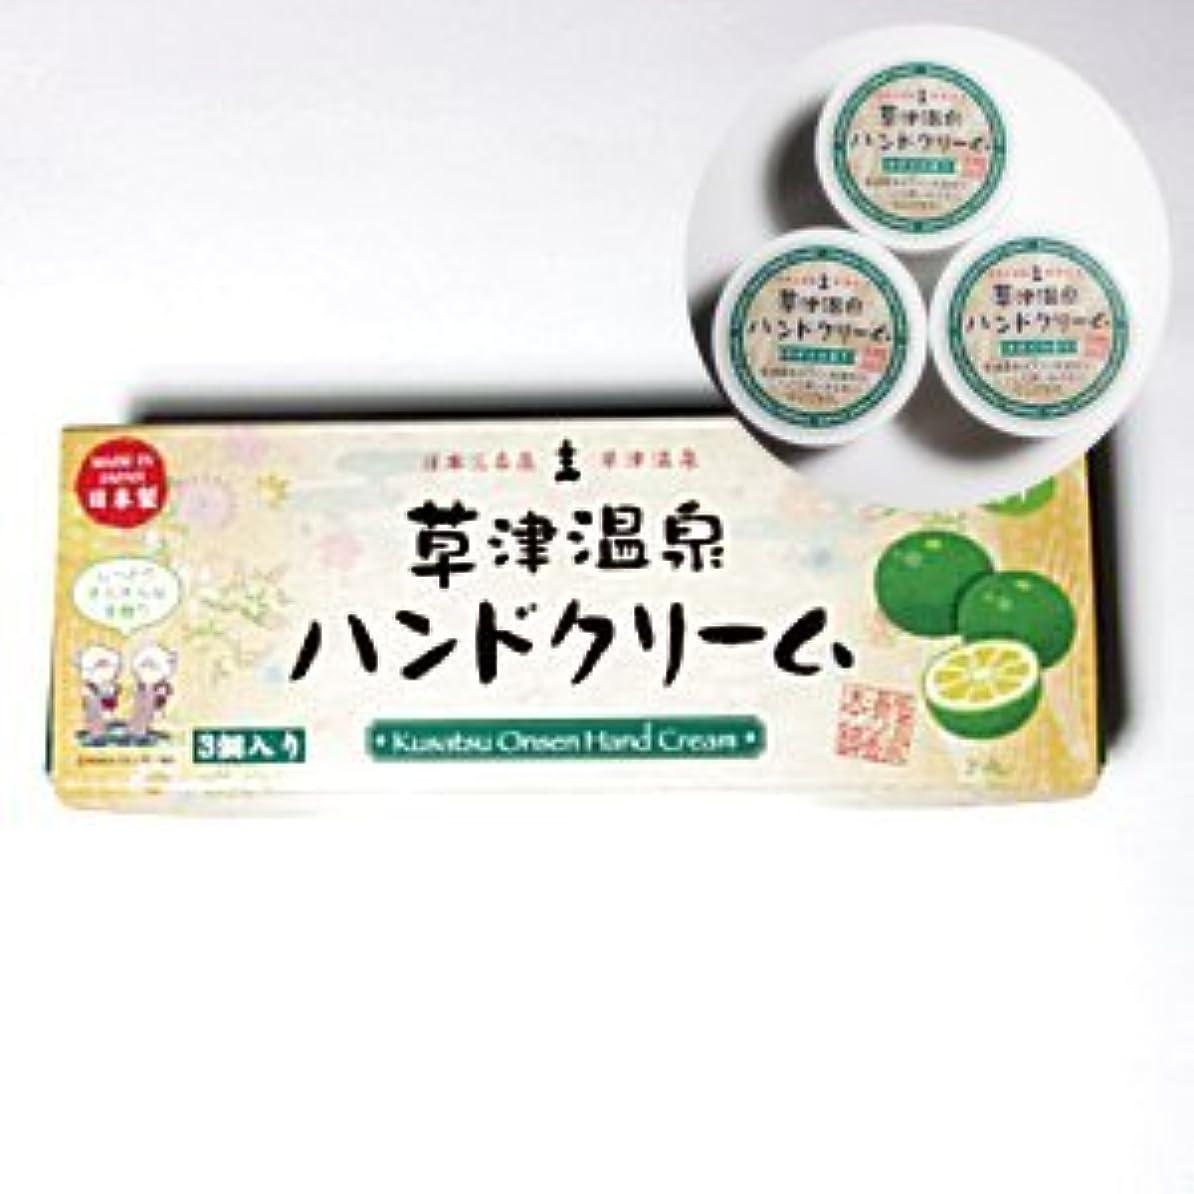 グラム大聖堂ワゴン草津温泉ハンドクリーム カボスの香り 15gx3